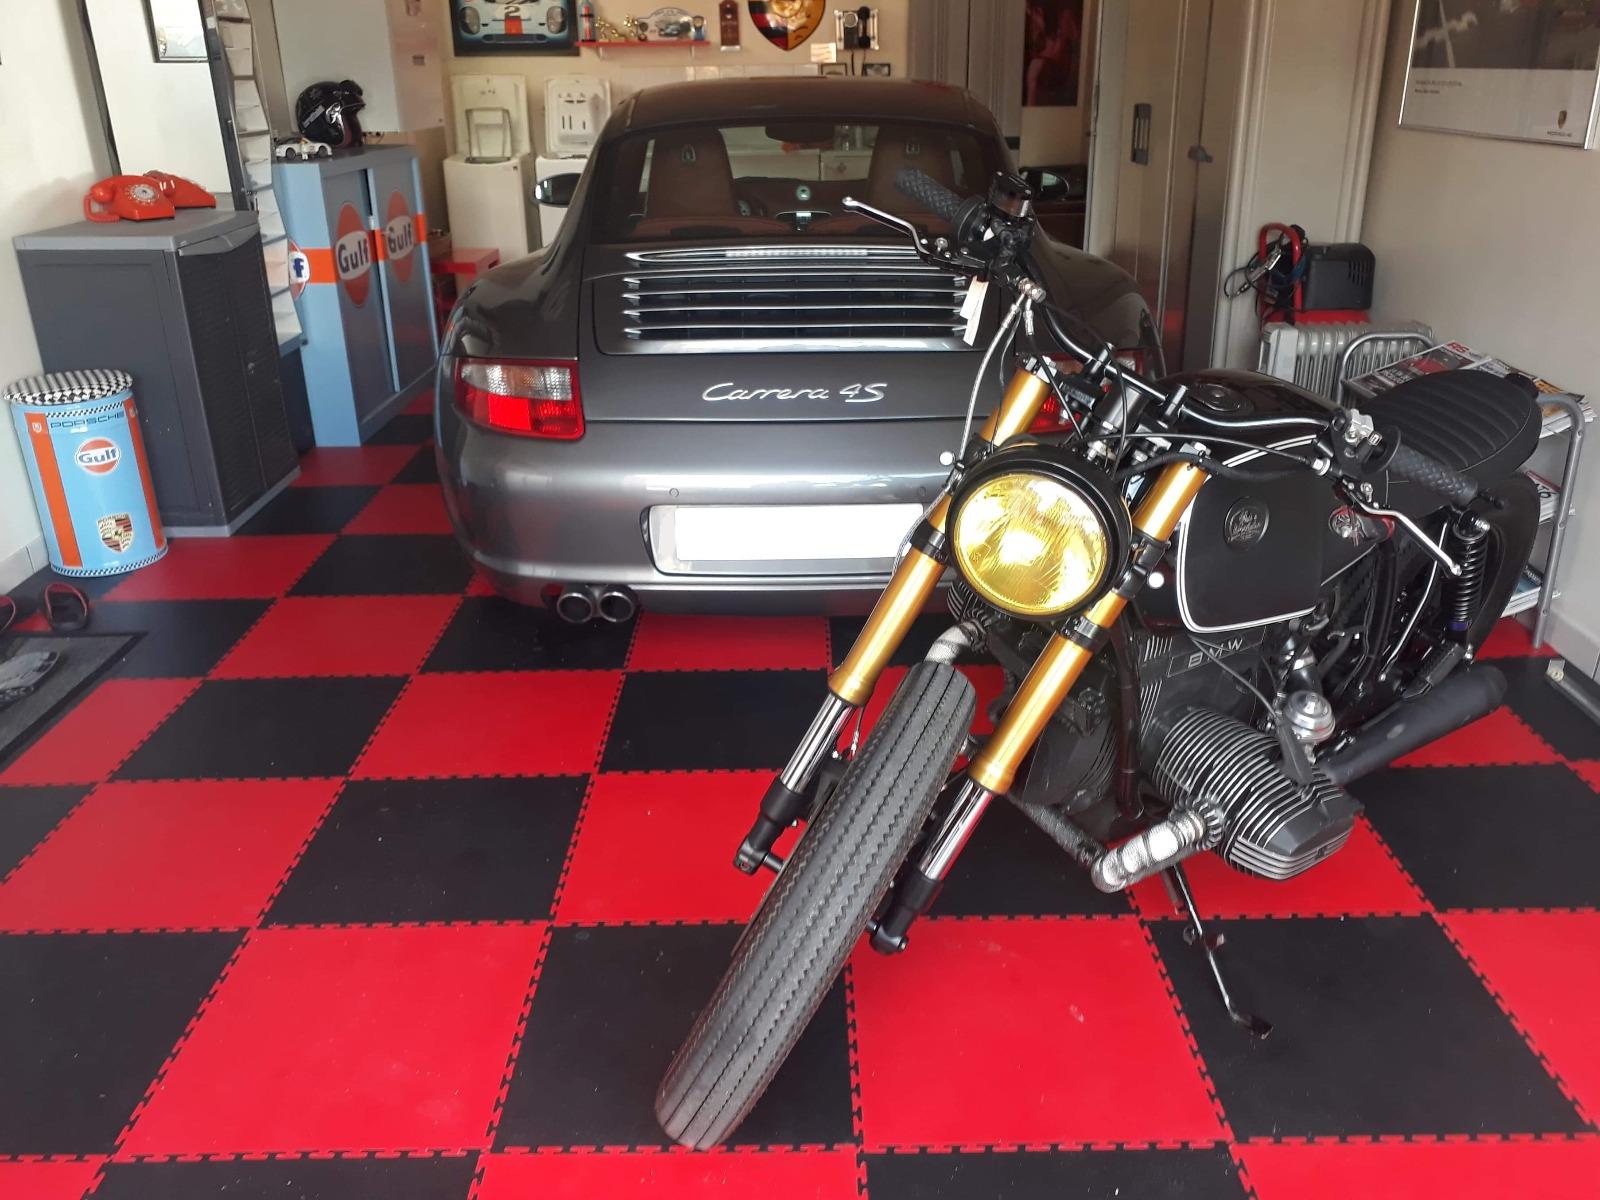 Damier rouge noir garage porsche moto dalles PVC